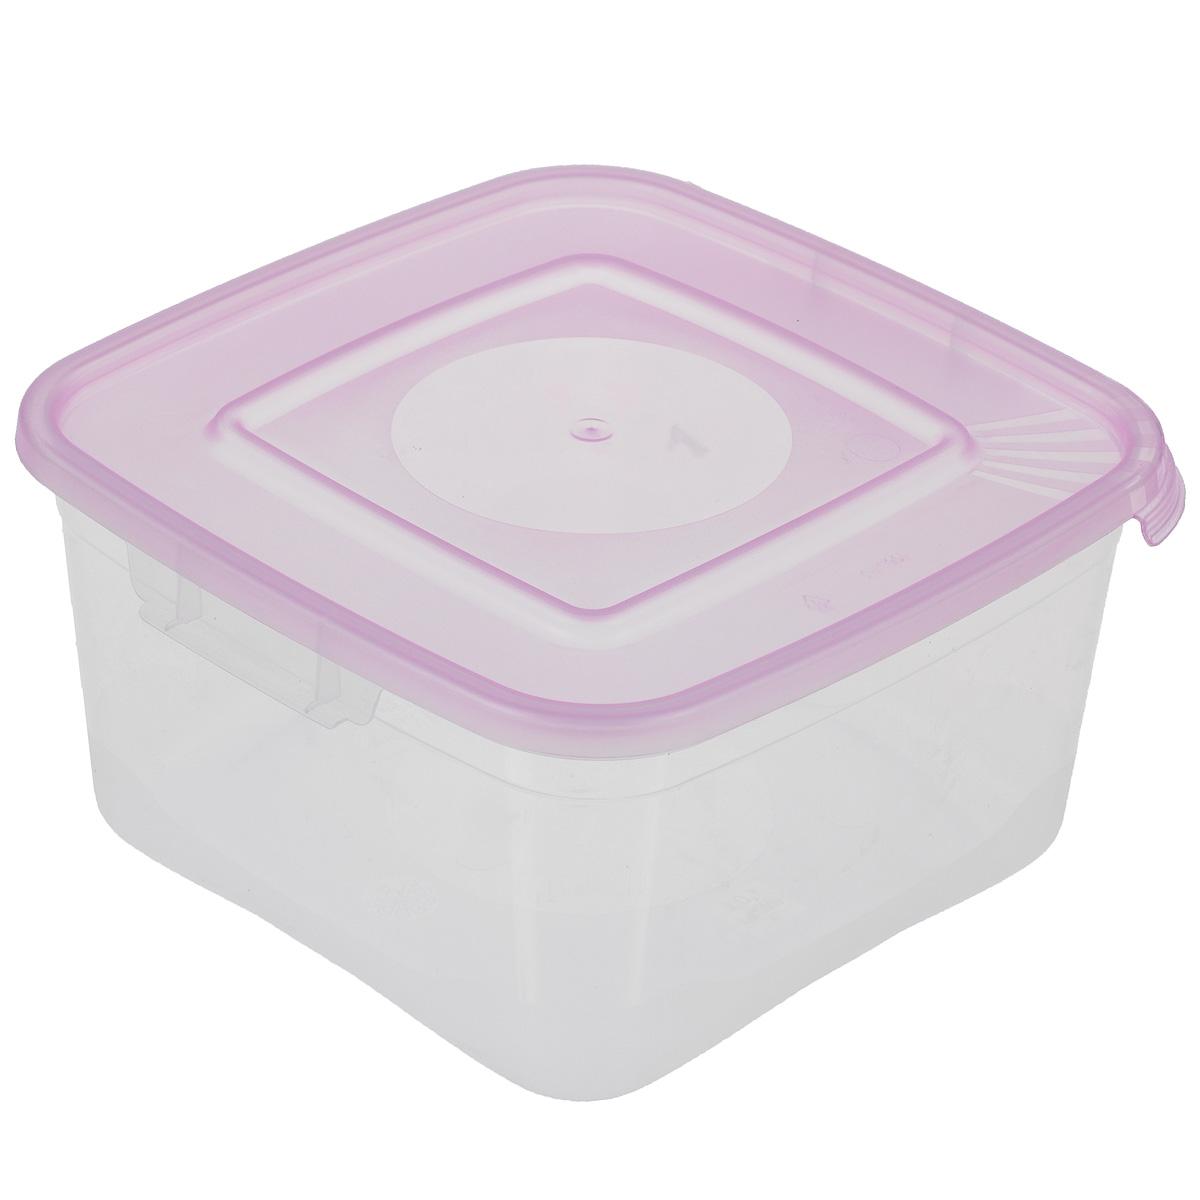 Контейнер Полимербыт Каскад, цвет: прозрачный, сиреневый, 1 лС670Контейнер Полимербыт Каскад квадратной формы, изготовленный из прочного пластика,предназначен специально для хранения пищевых продуктов. Крышка легко открывается и плотнозакрывается. Контейнер устойчив к воздействию масел и жиров, легко моется. Прозрачные стенки позволяютвидеть содержимое. Контейнер имеет возможность хранения продуктов глубокой заморозки,обладает высокой прочностью.Можно мыть в посудомоечной машине. Подходит для использования в микроволновых печах.